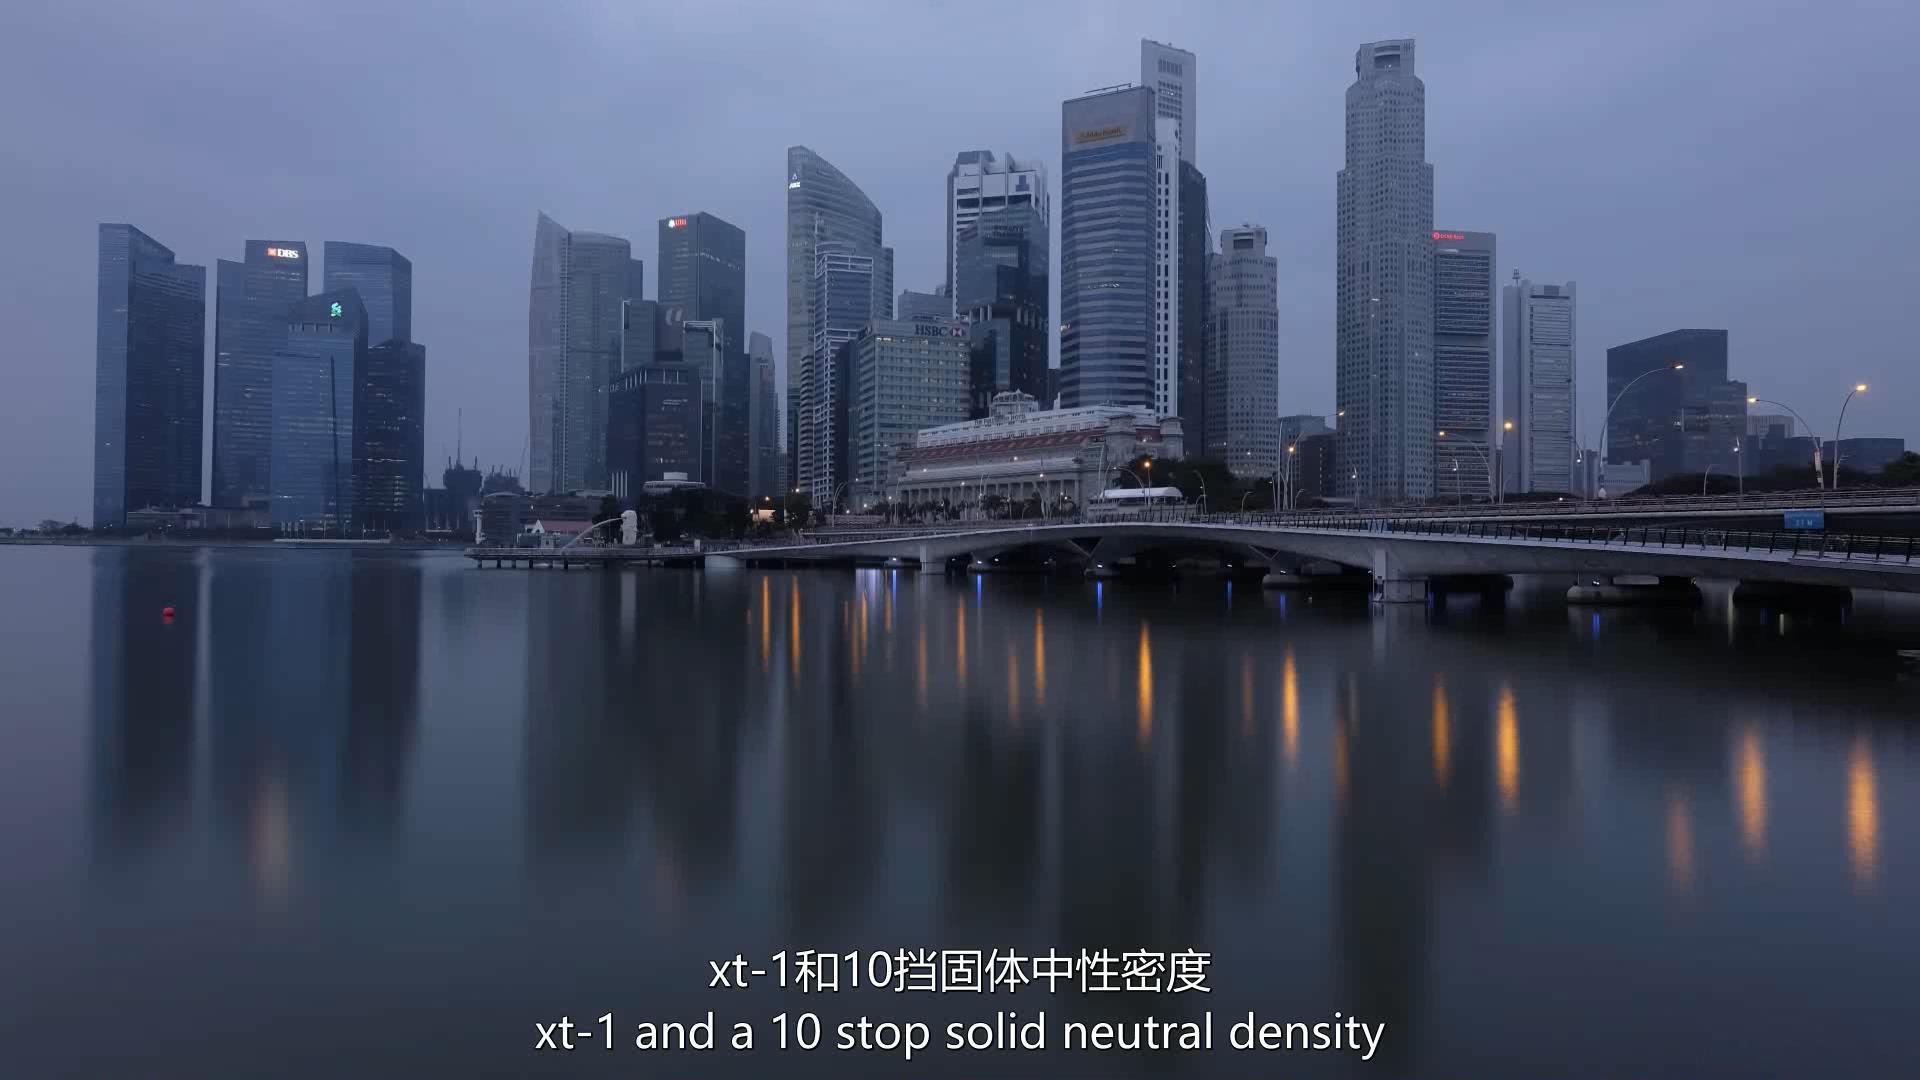 摄影教程_Fstoppers-Elia Locardi世界城市景观星轨风光摄影及后期-中英字幕 摄影教程 _预览图27